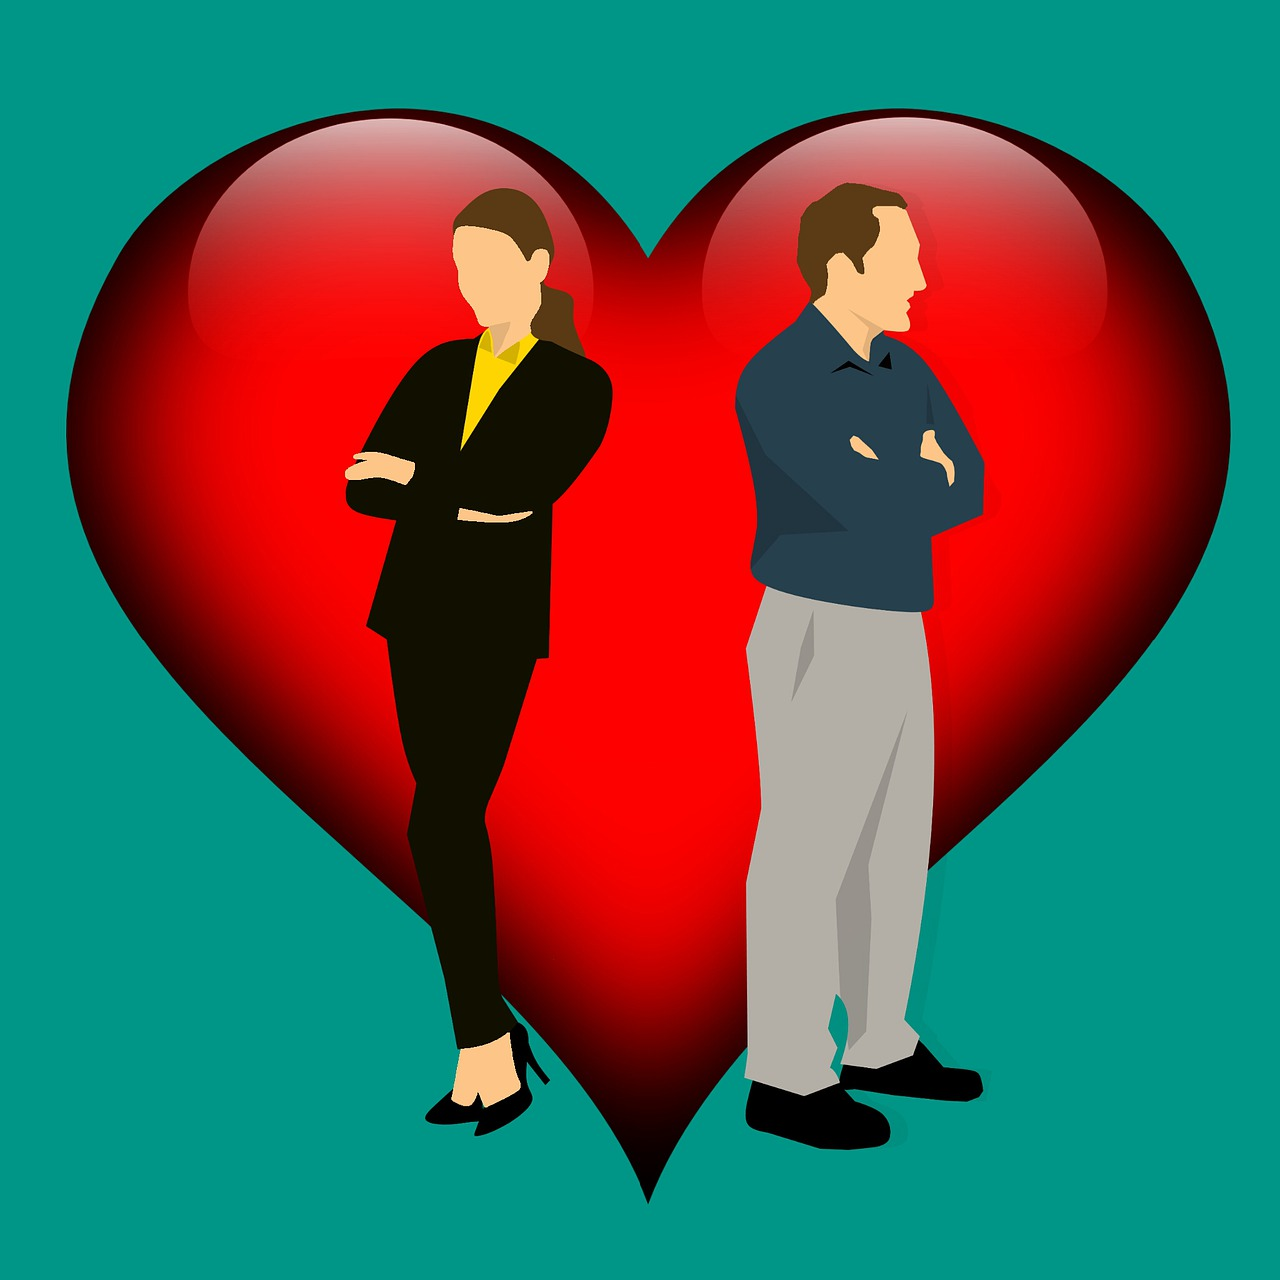 לב ושני אנשים